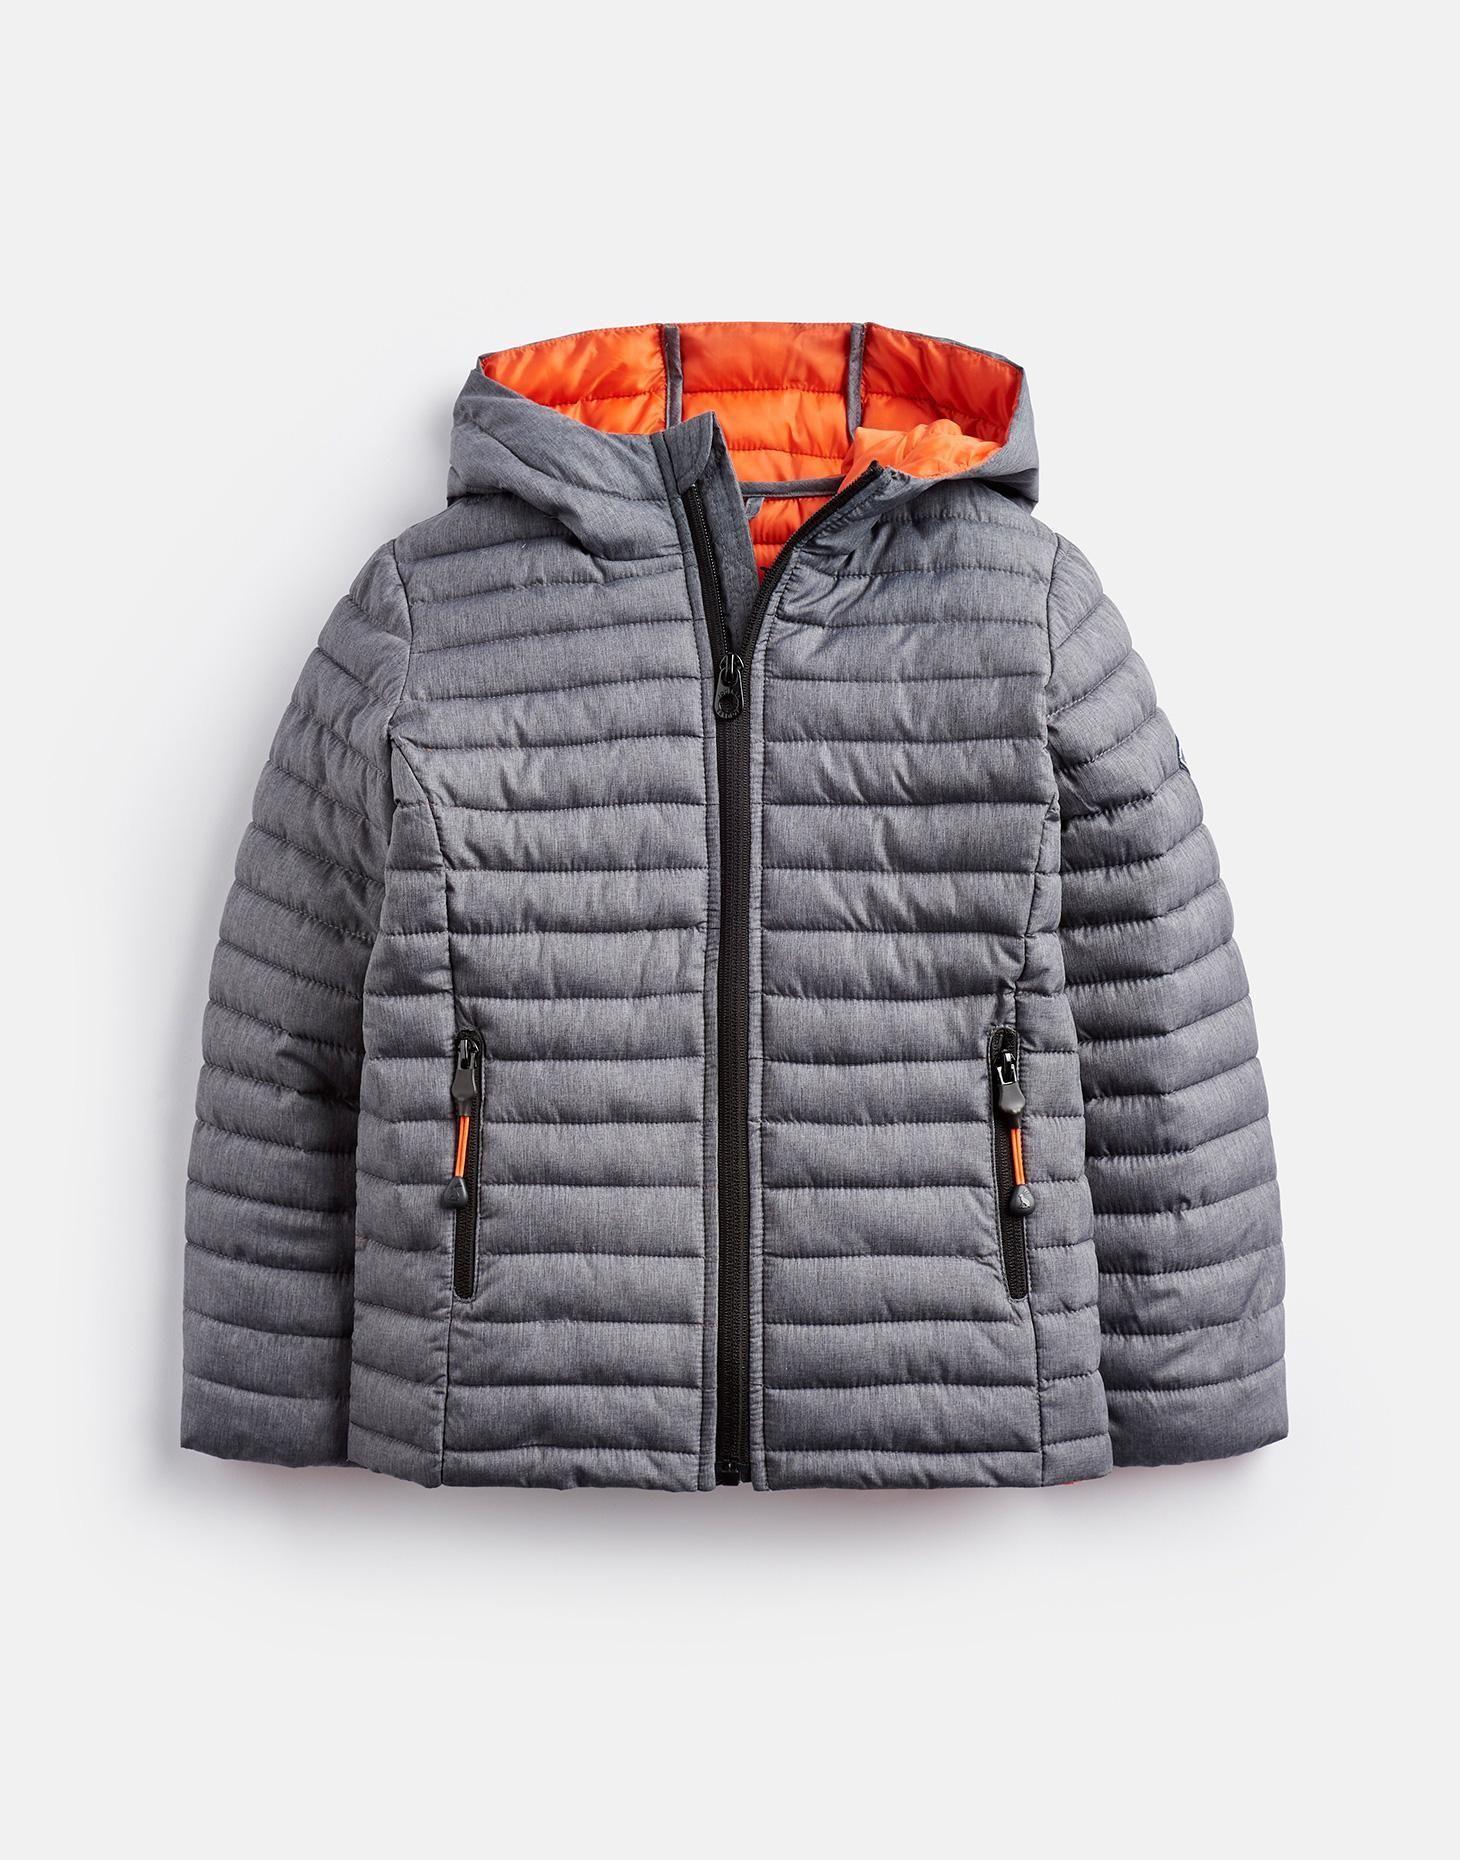 4c00add3601a Cairn GREY MARL Packaway Padded Jacket 3-12yr